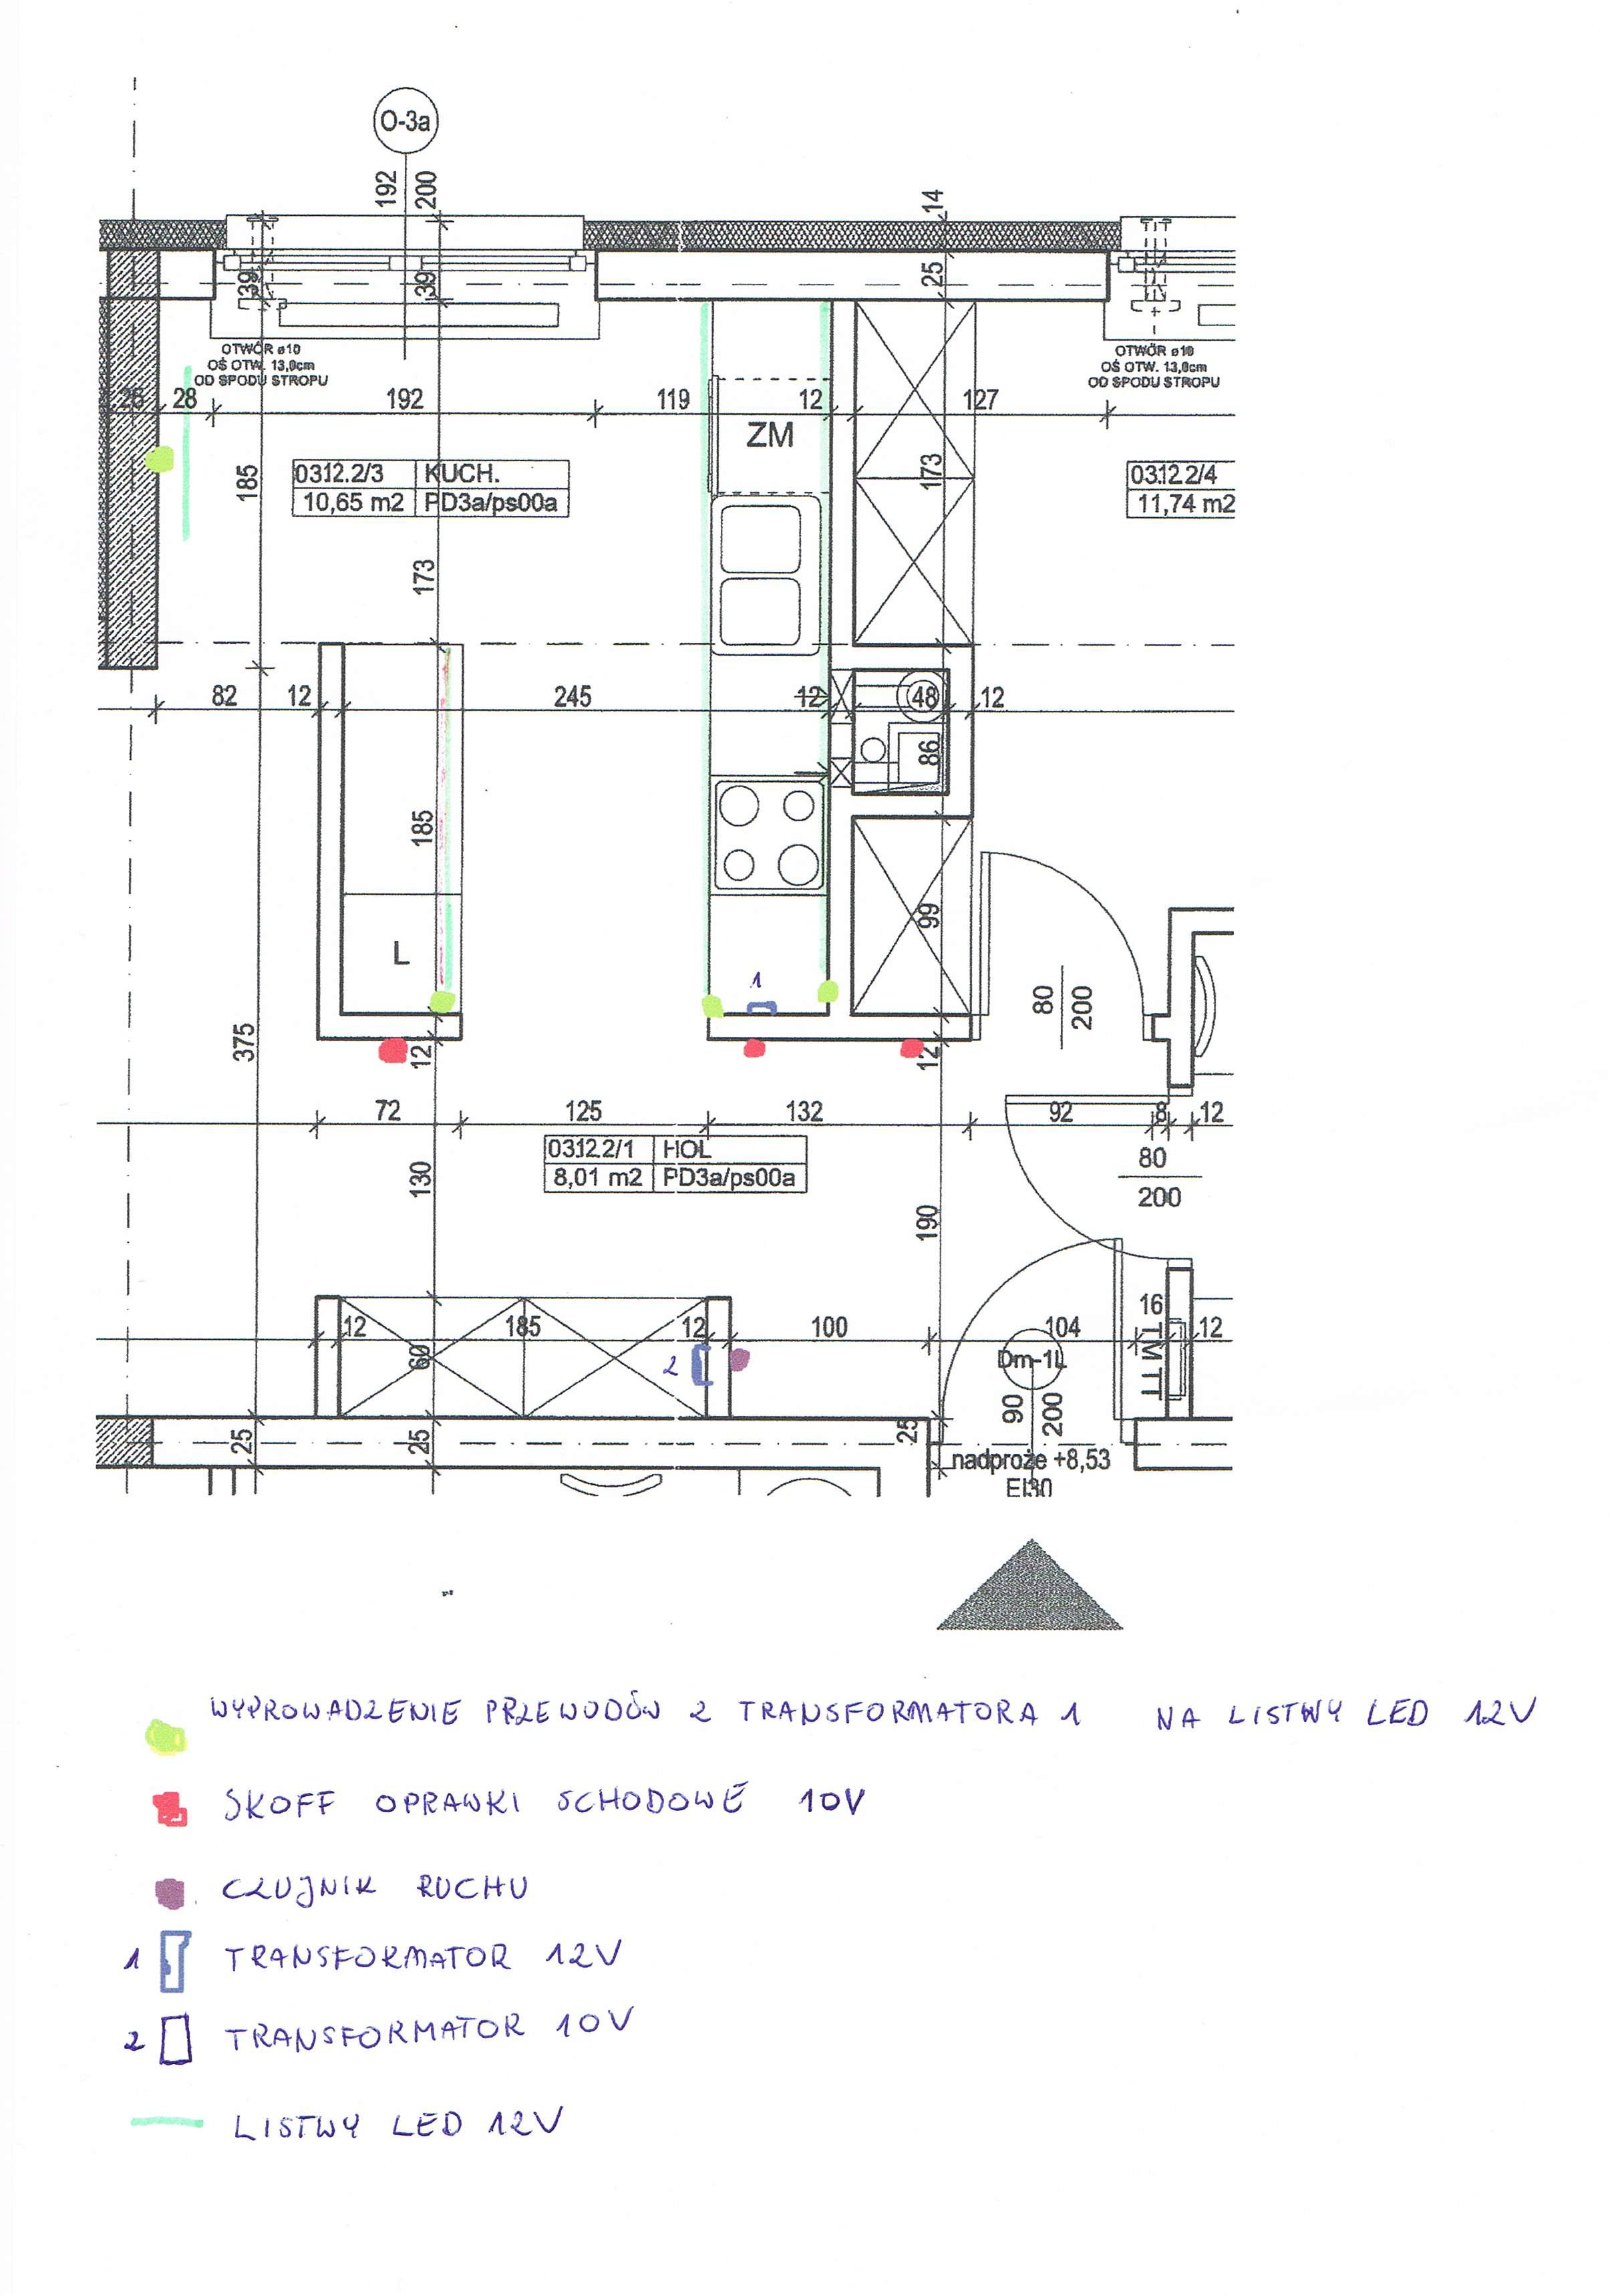 Monta� o�wietlenia LEDowego w kuchni i korytarzu